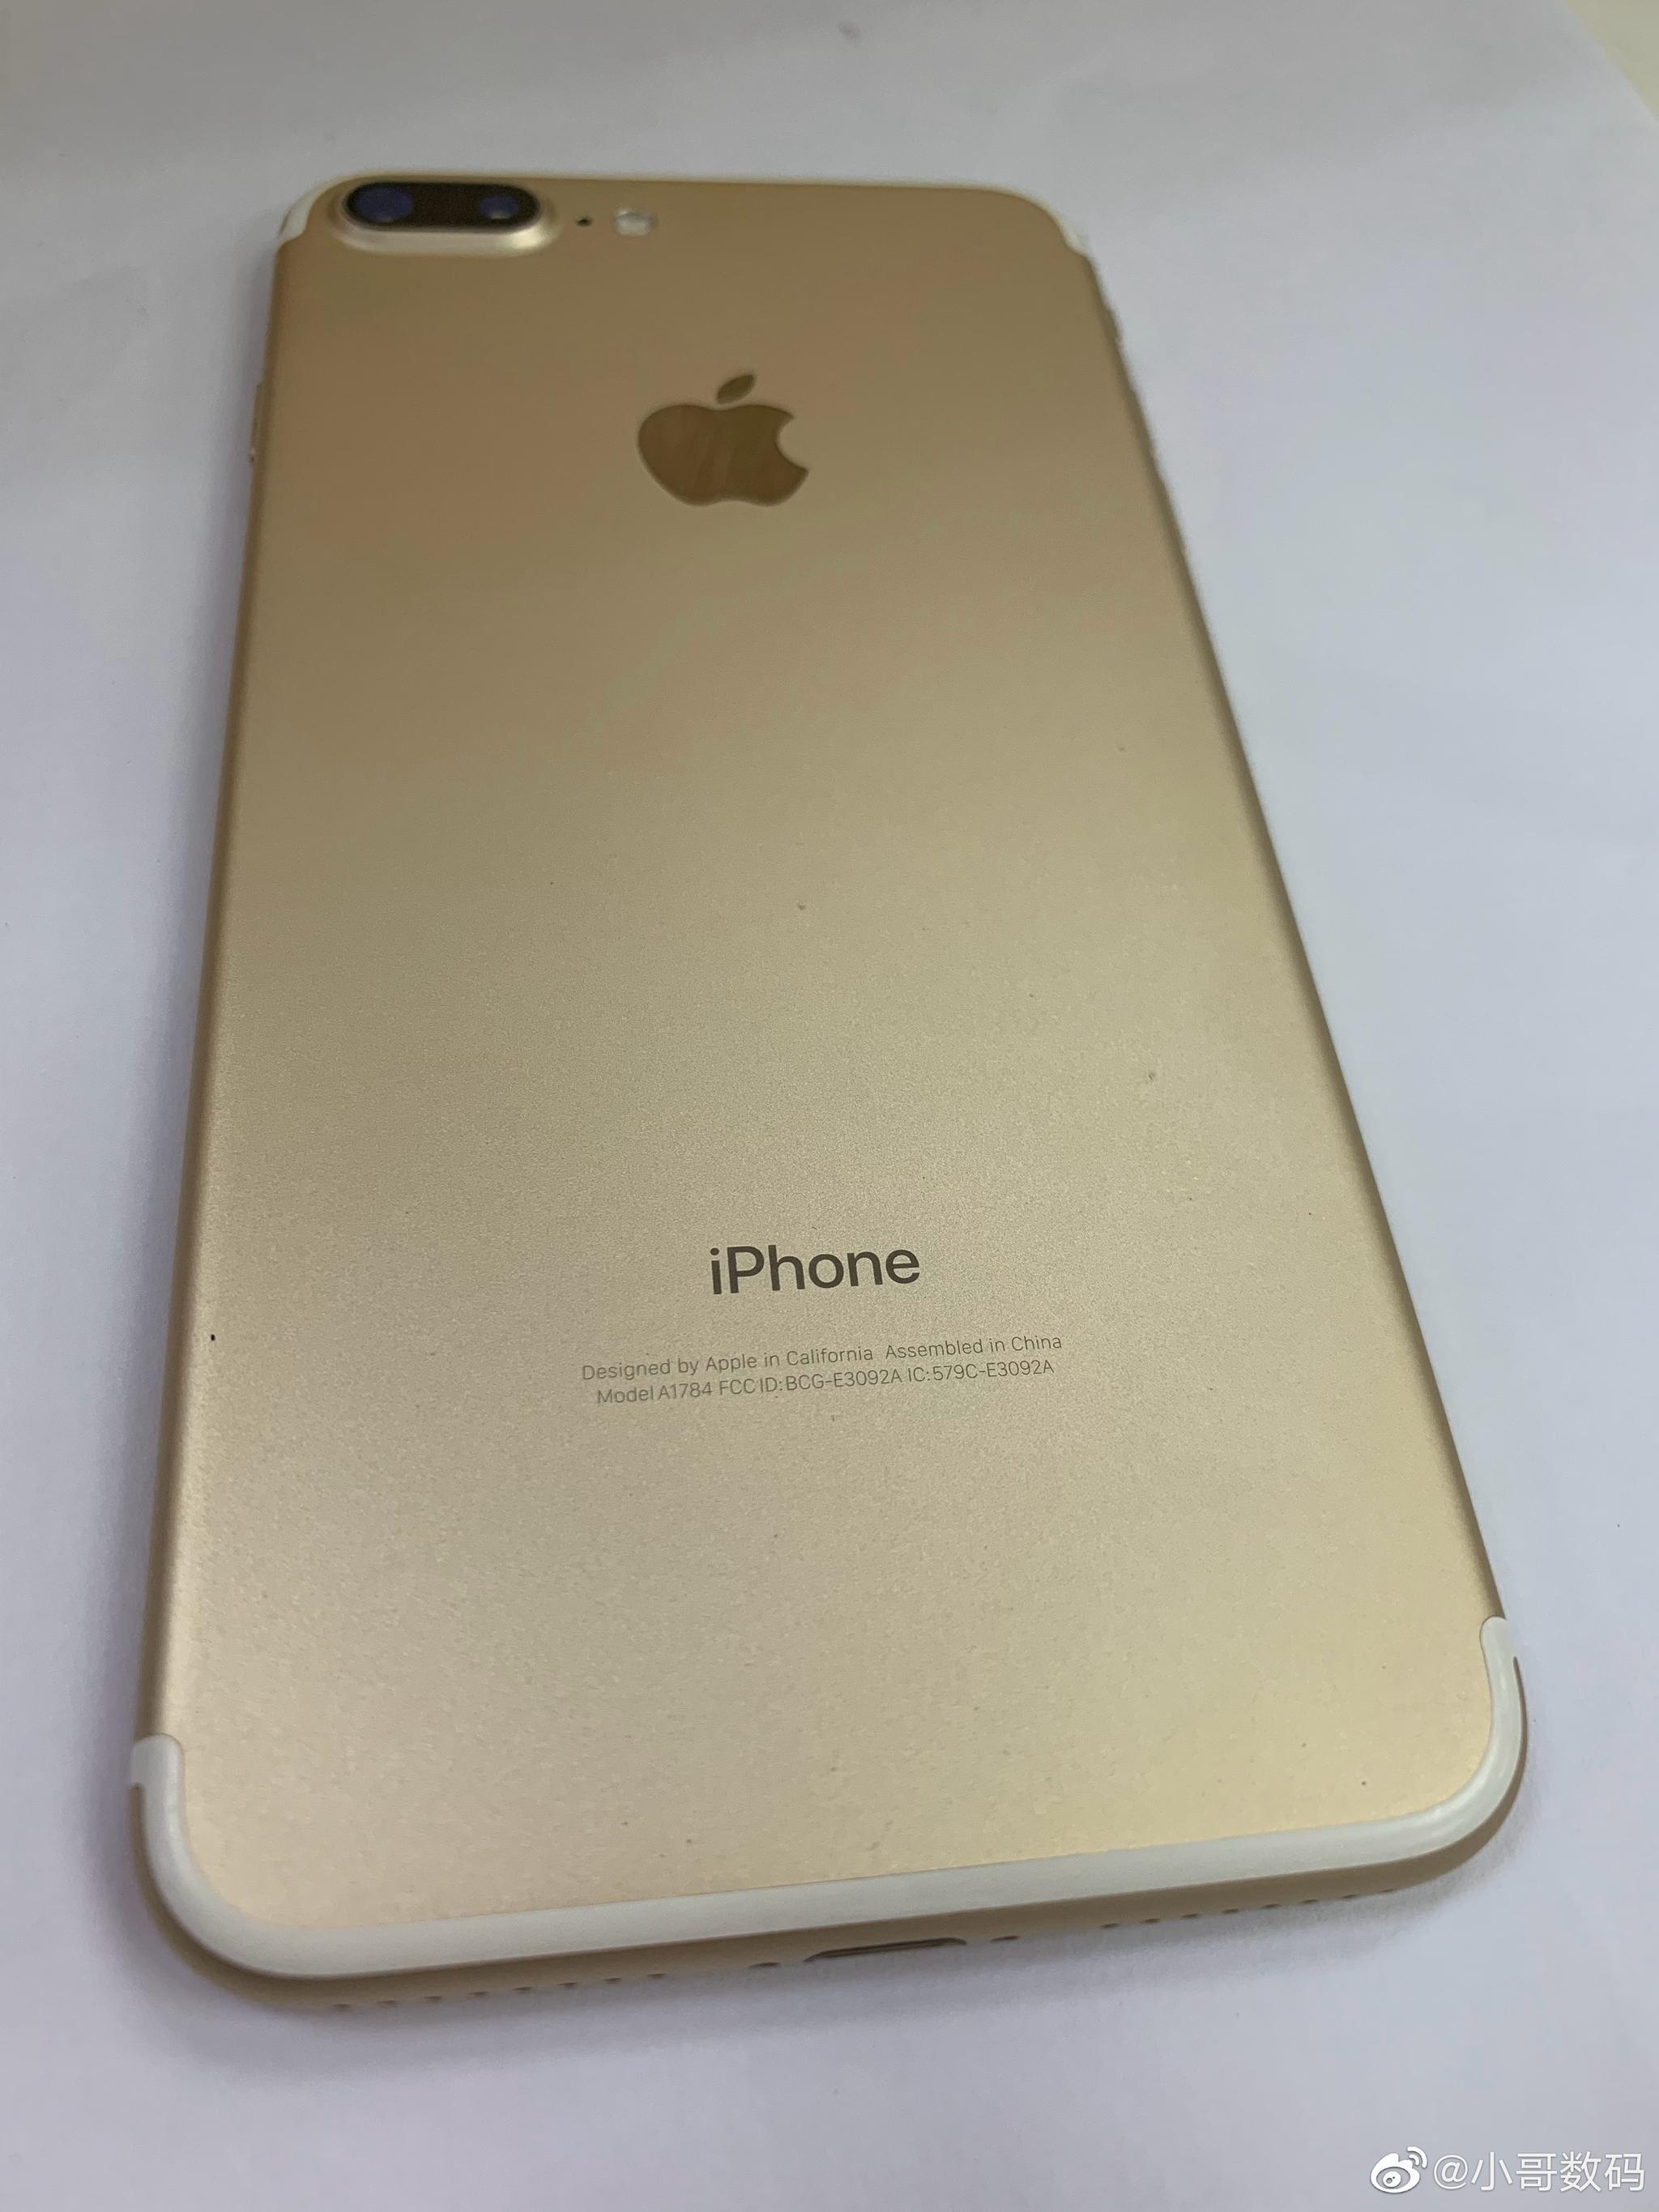 iPhone 7plus,32g,美版,无锁两网,支持移动4g联通4g,98新